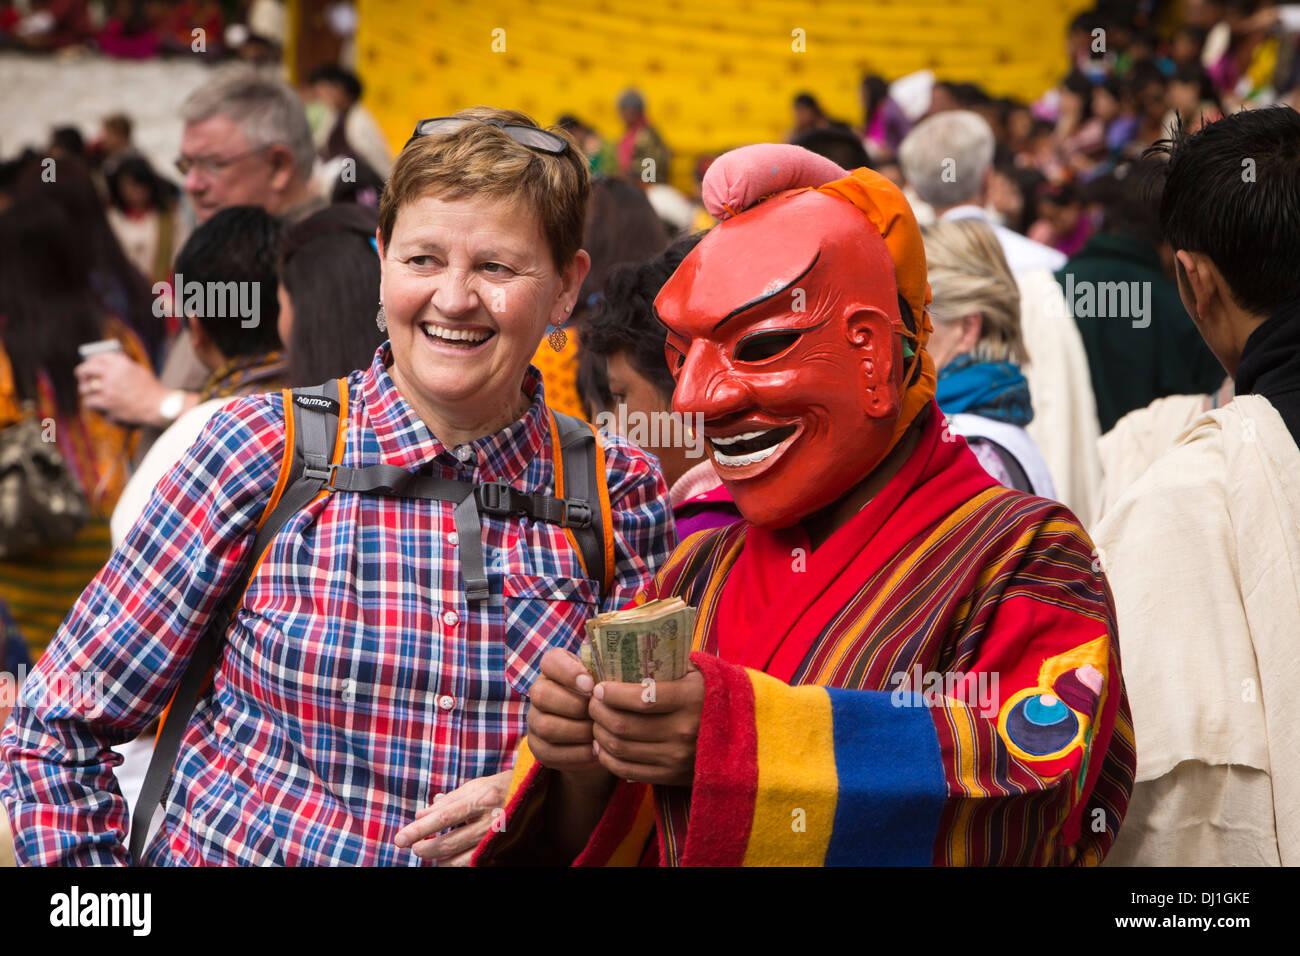 Le Bhoutan, Thimphu Dzong, Tsechu annuel touristique de l'ouest féminin avec atsara danseur clown holding d'argent Banque D'Images